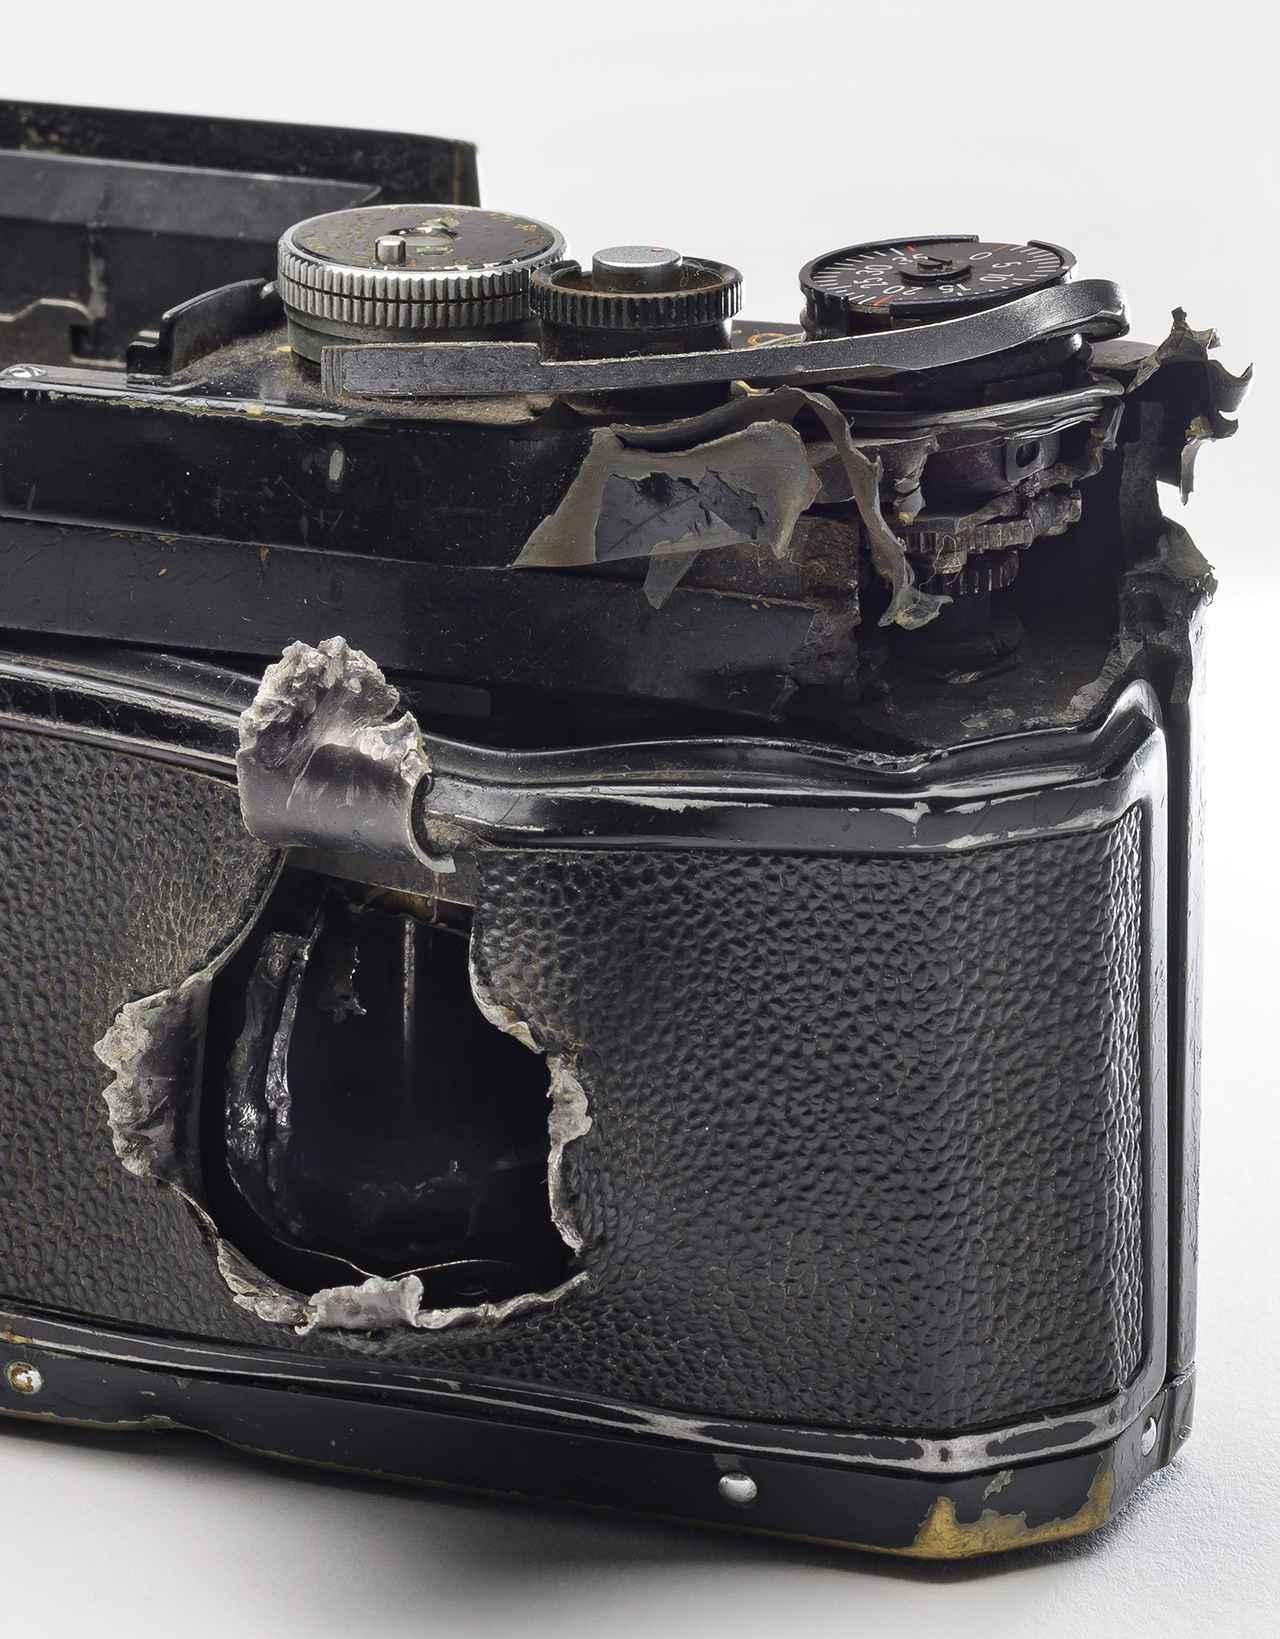 画像: 「ニコンF」に残された、凄まじい被弾の痕